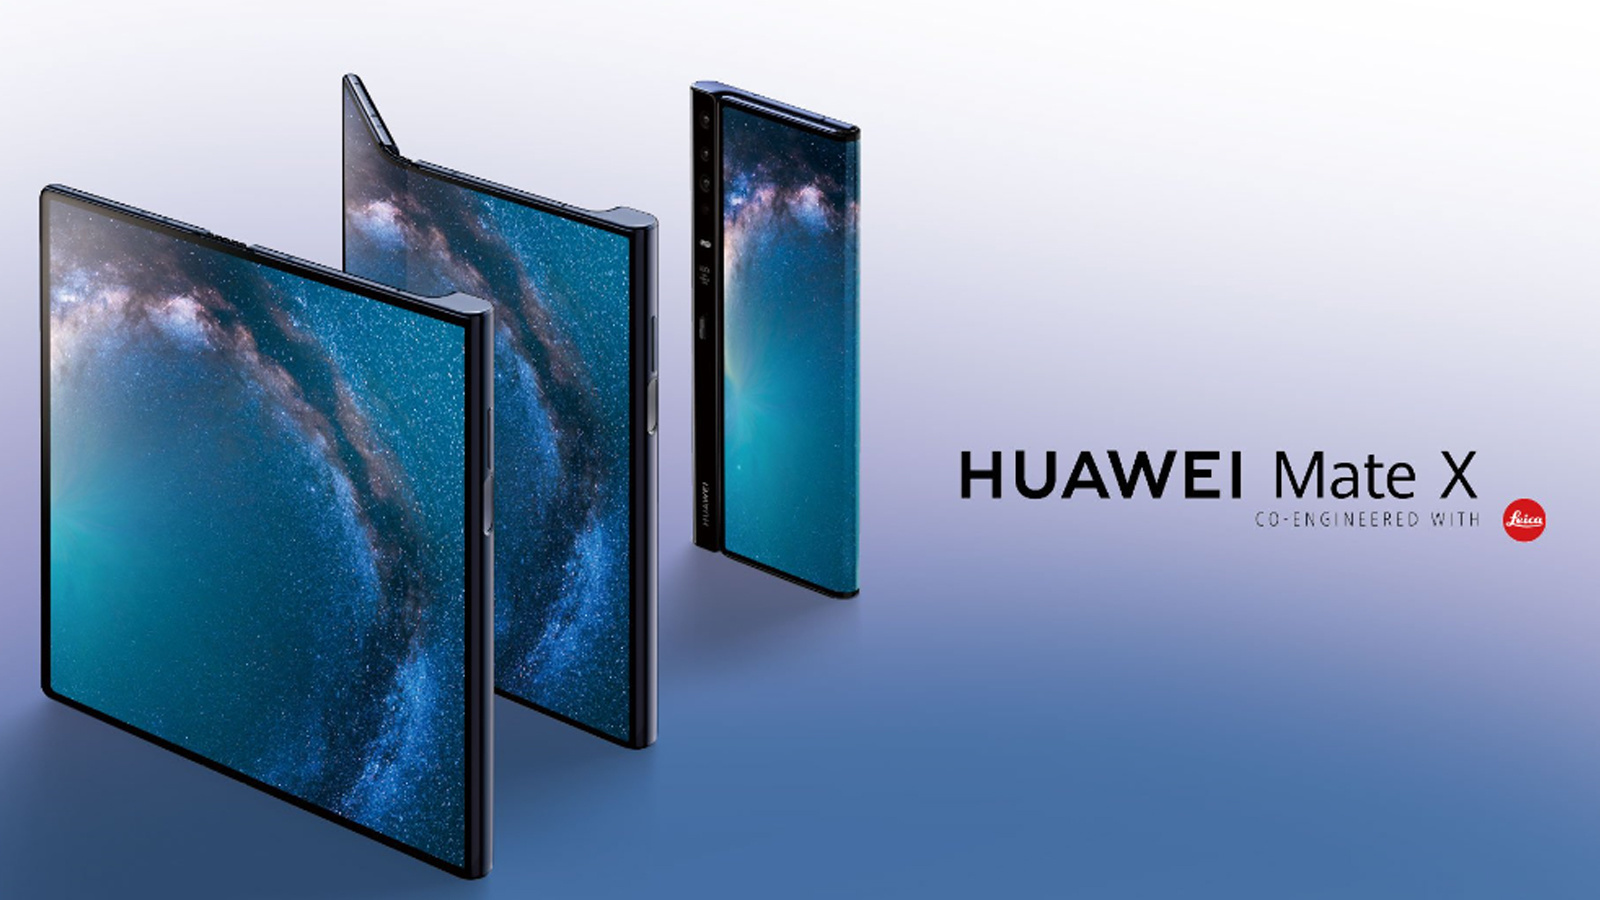 華為公佈首款5G摺疊屏手機Mate X,售價1.75萬人民幣!